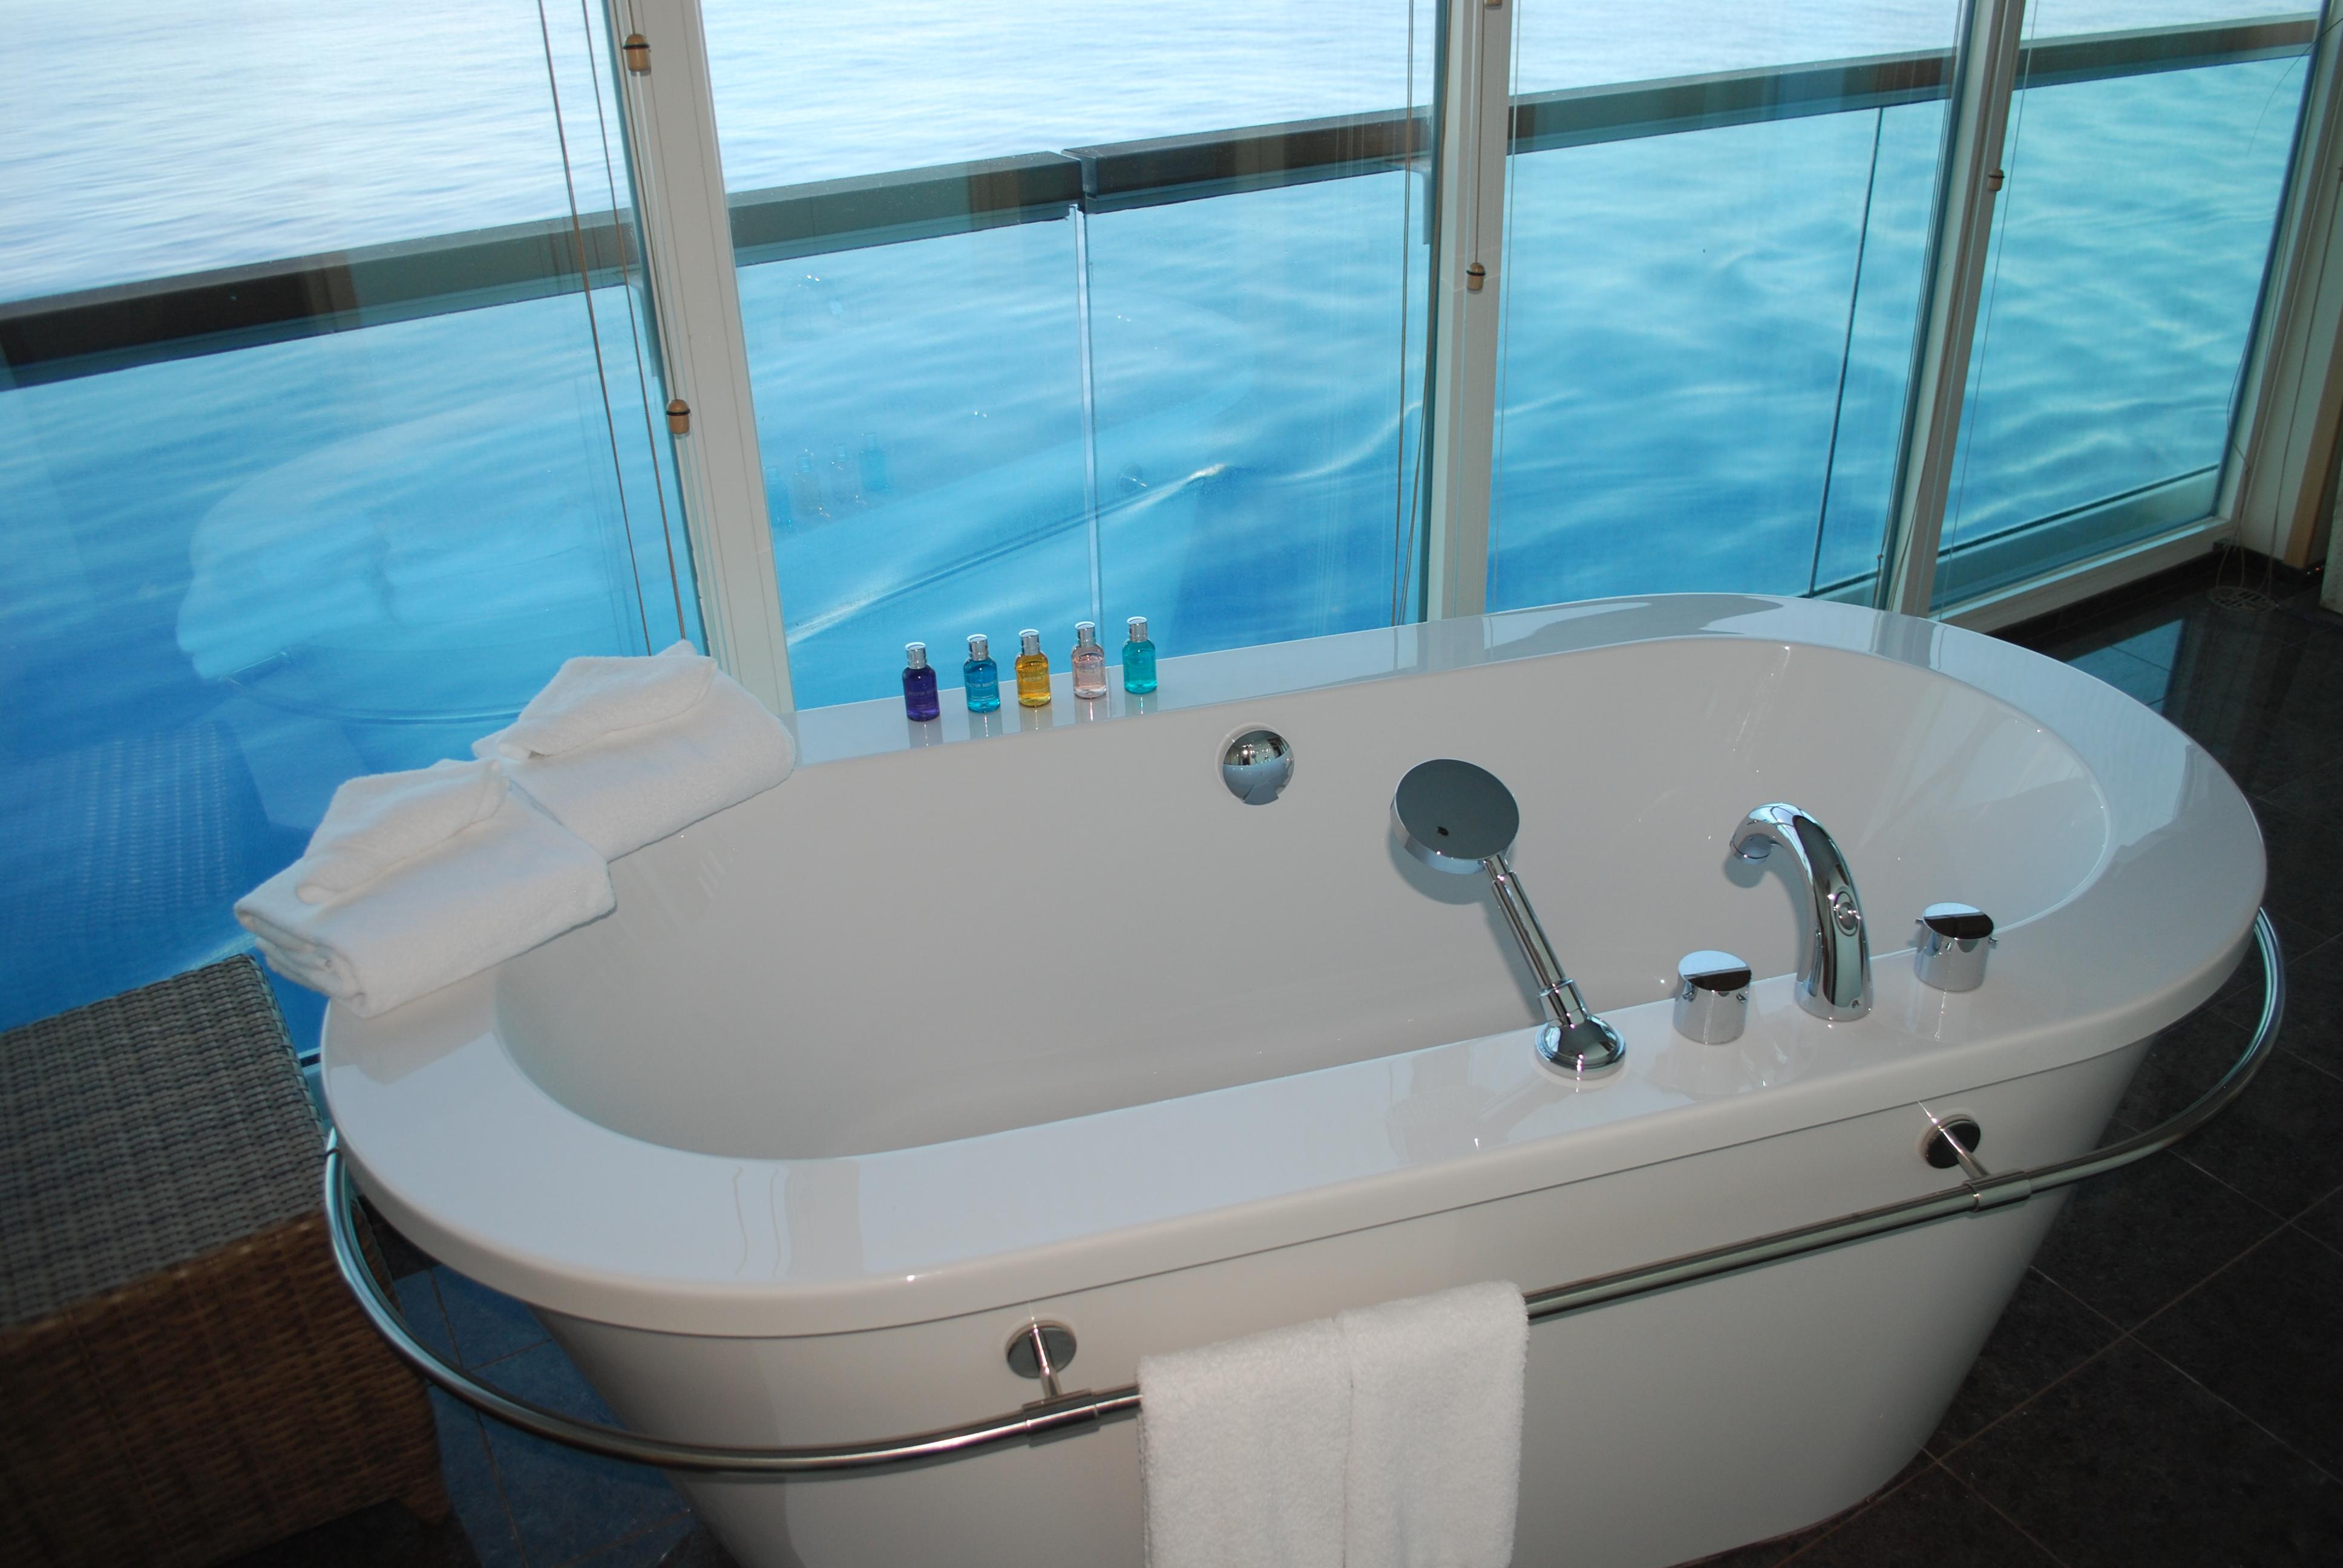 Dream Bathtub | Aboard Seabourn Sojourn – Josh is an old-fashioned ...